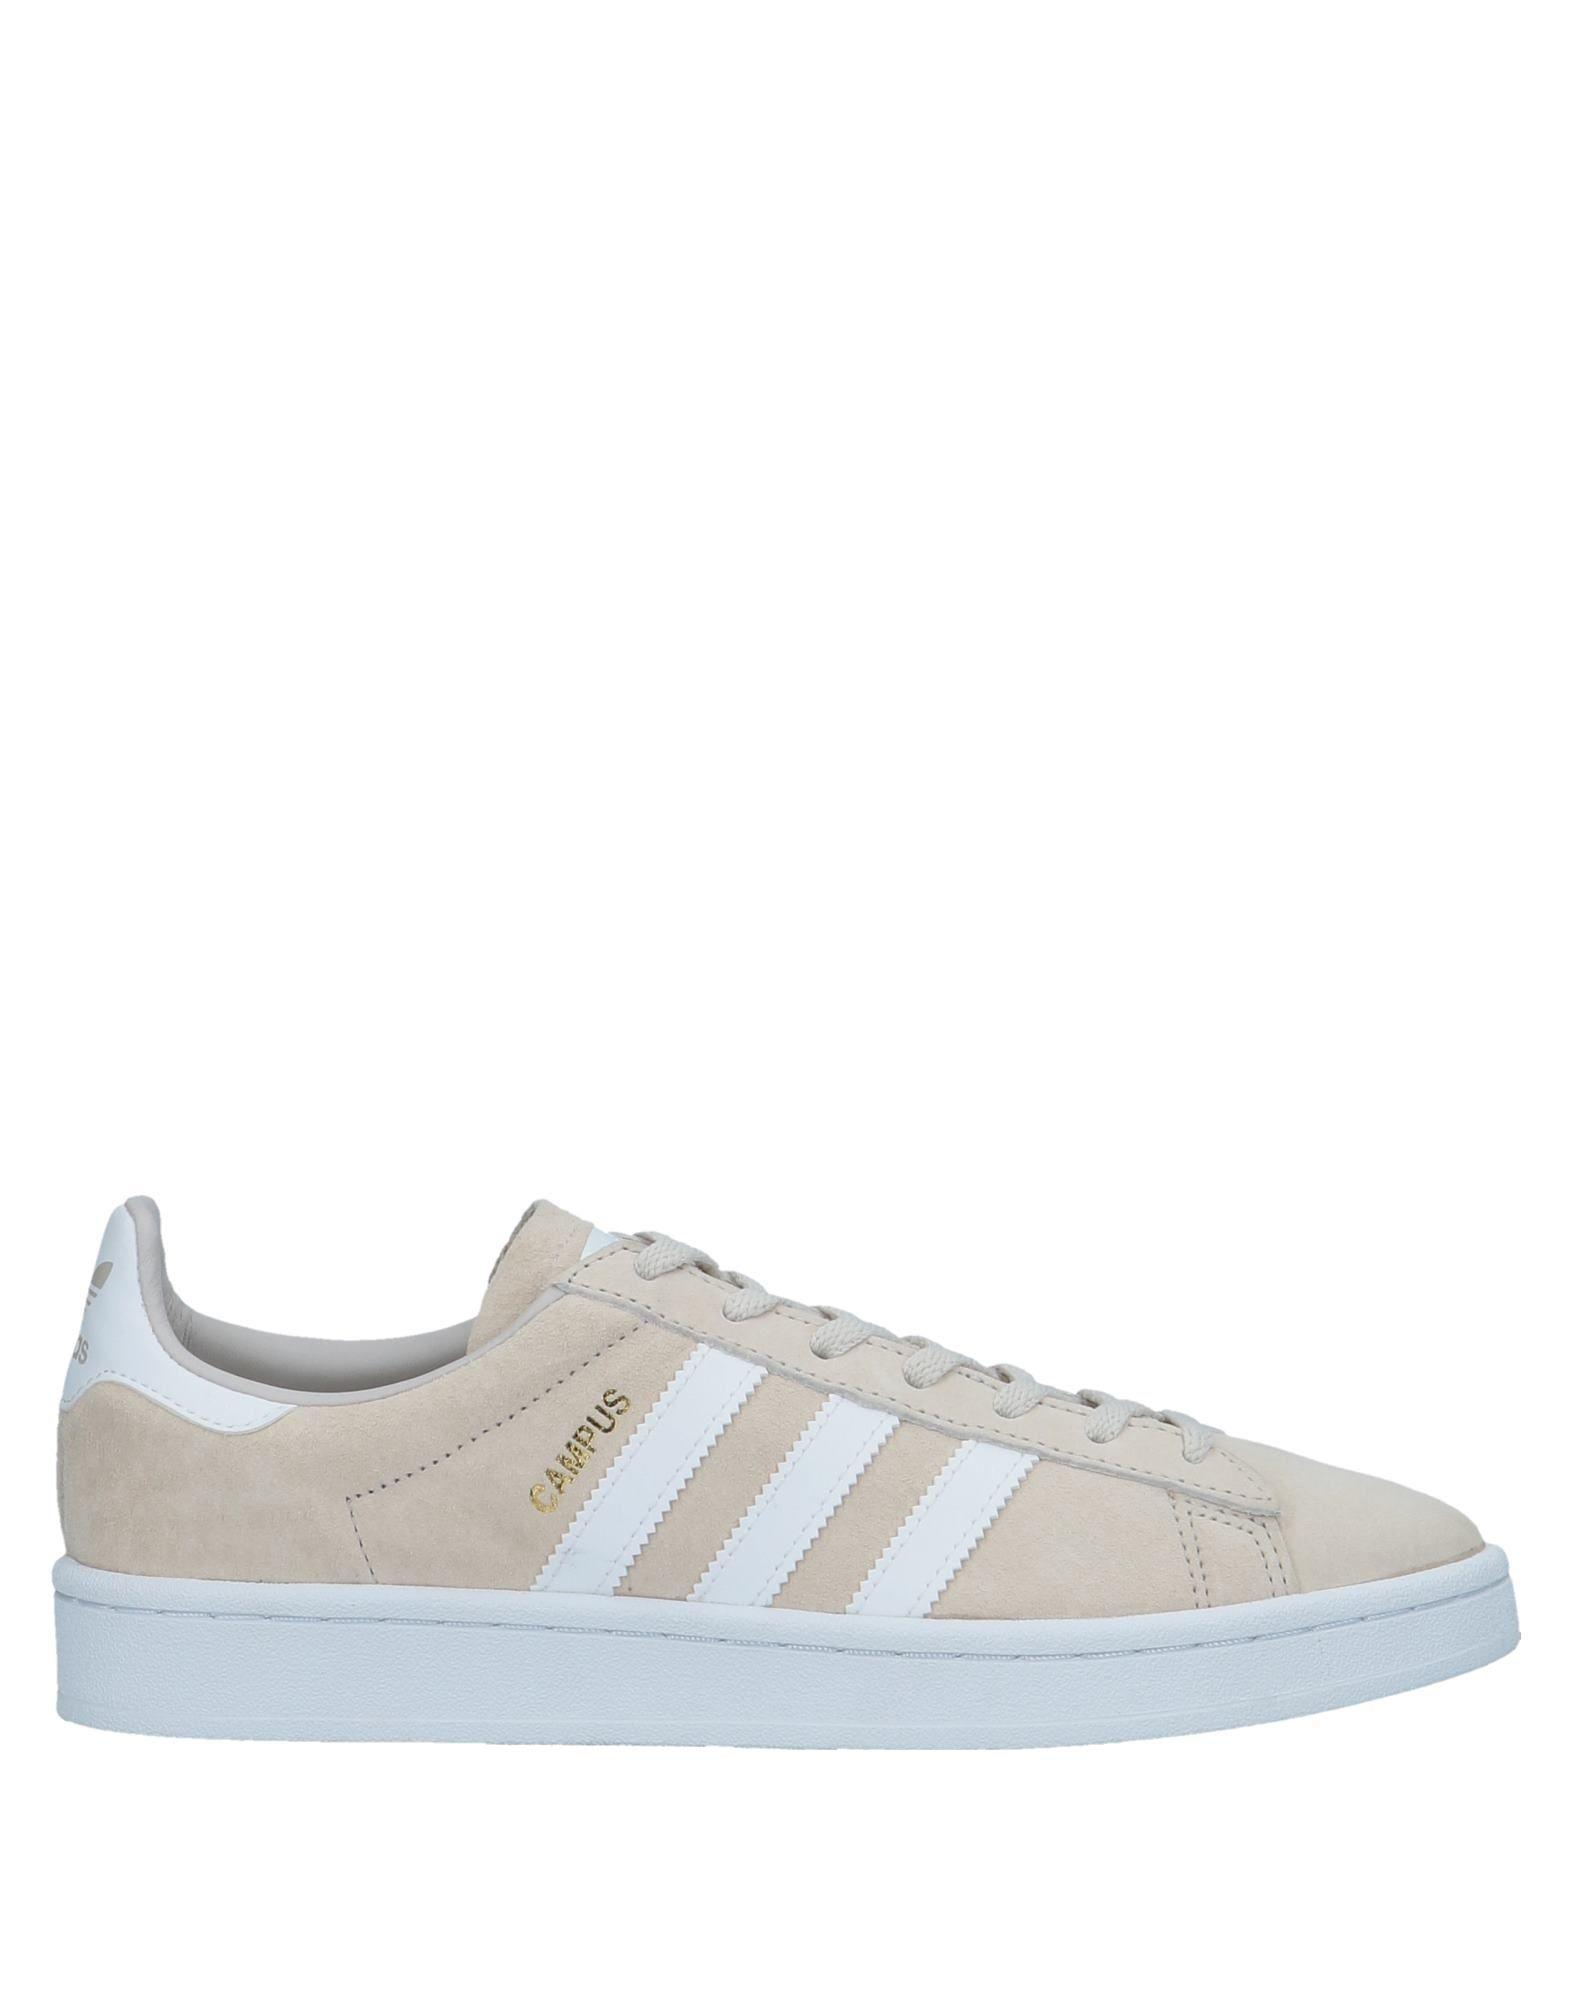 Sneakers Adidas Donna - 11537384DE Scarpe economiche e buone